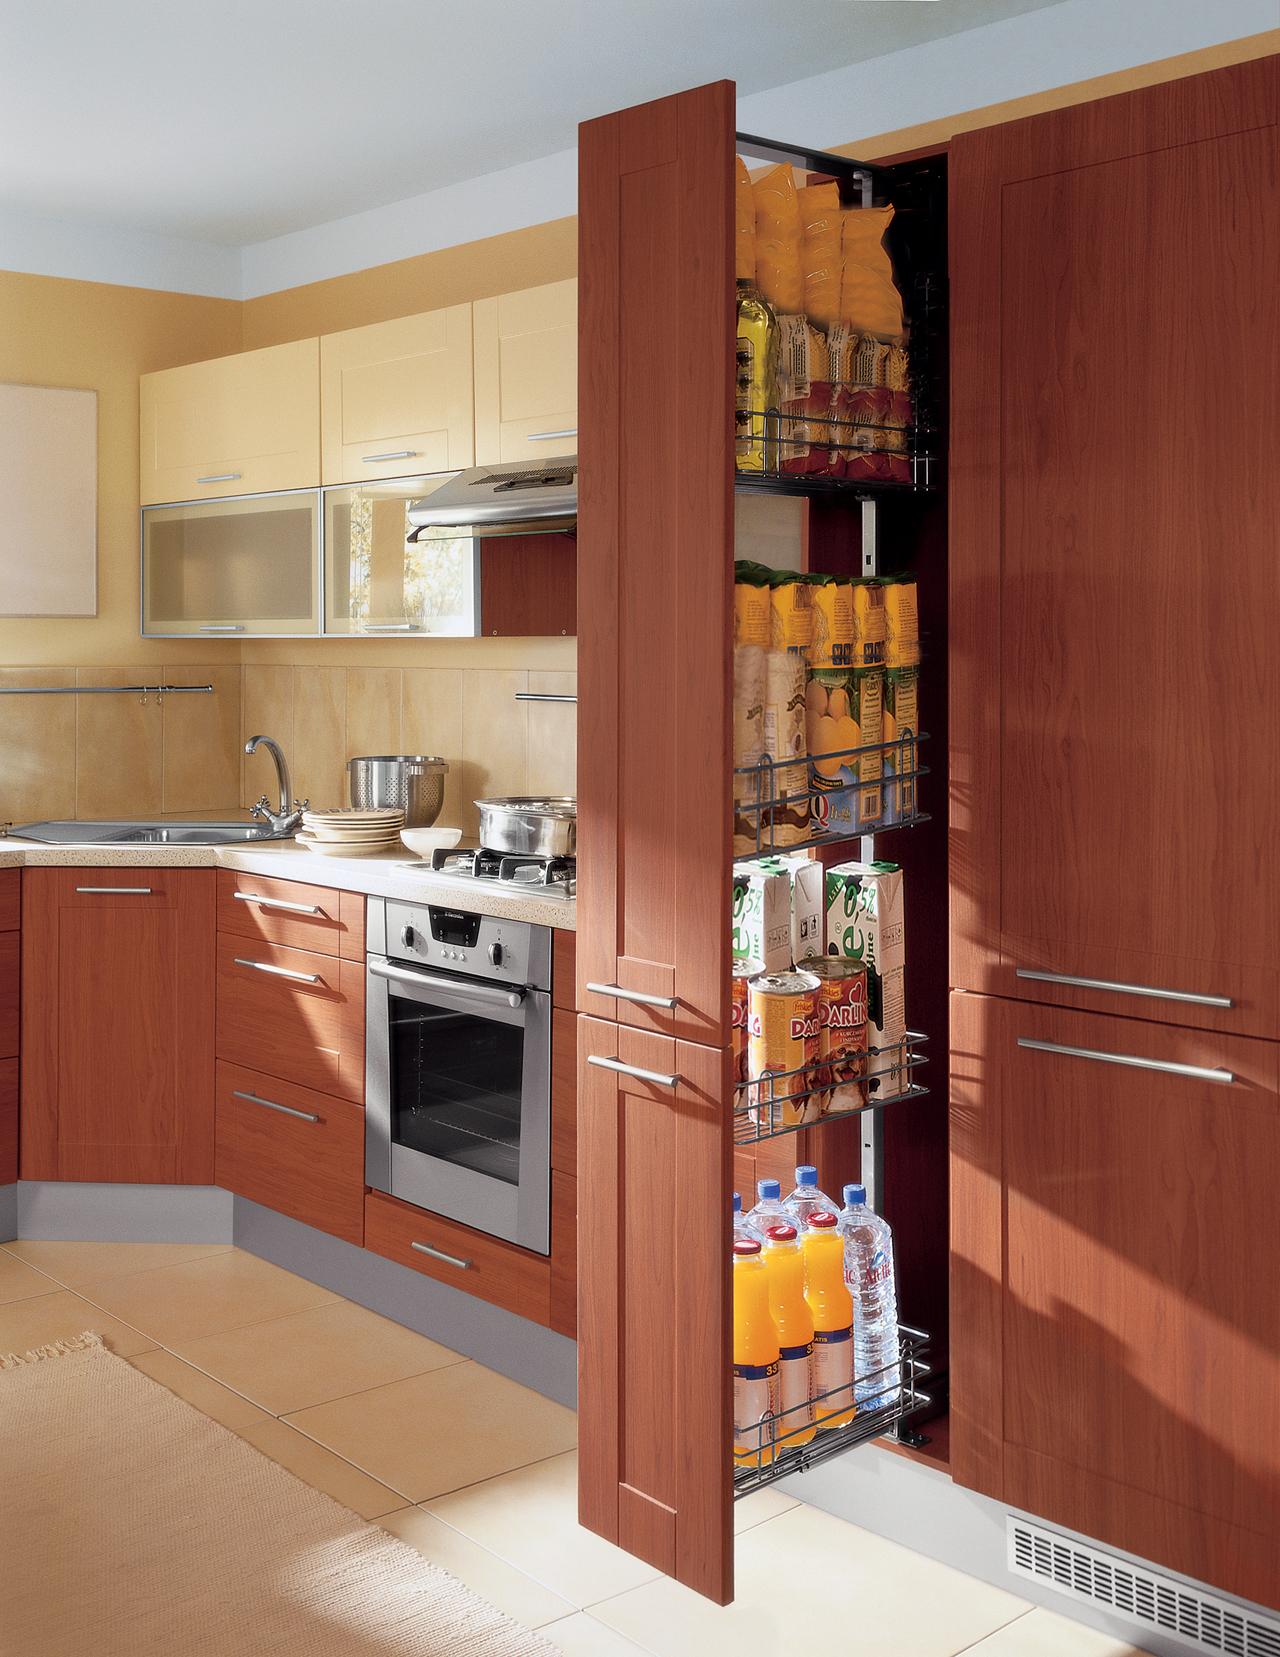 Высокие выдвижные шкафы удобны для хранения сыпучих продуктов и бутылок